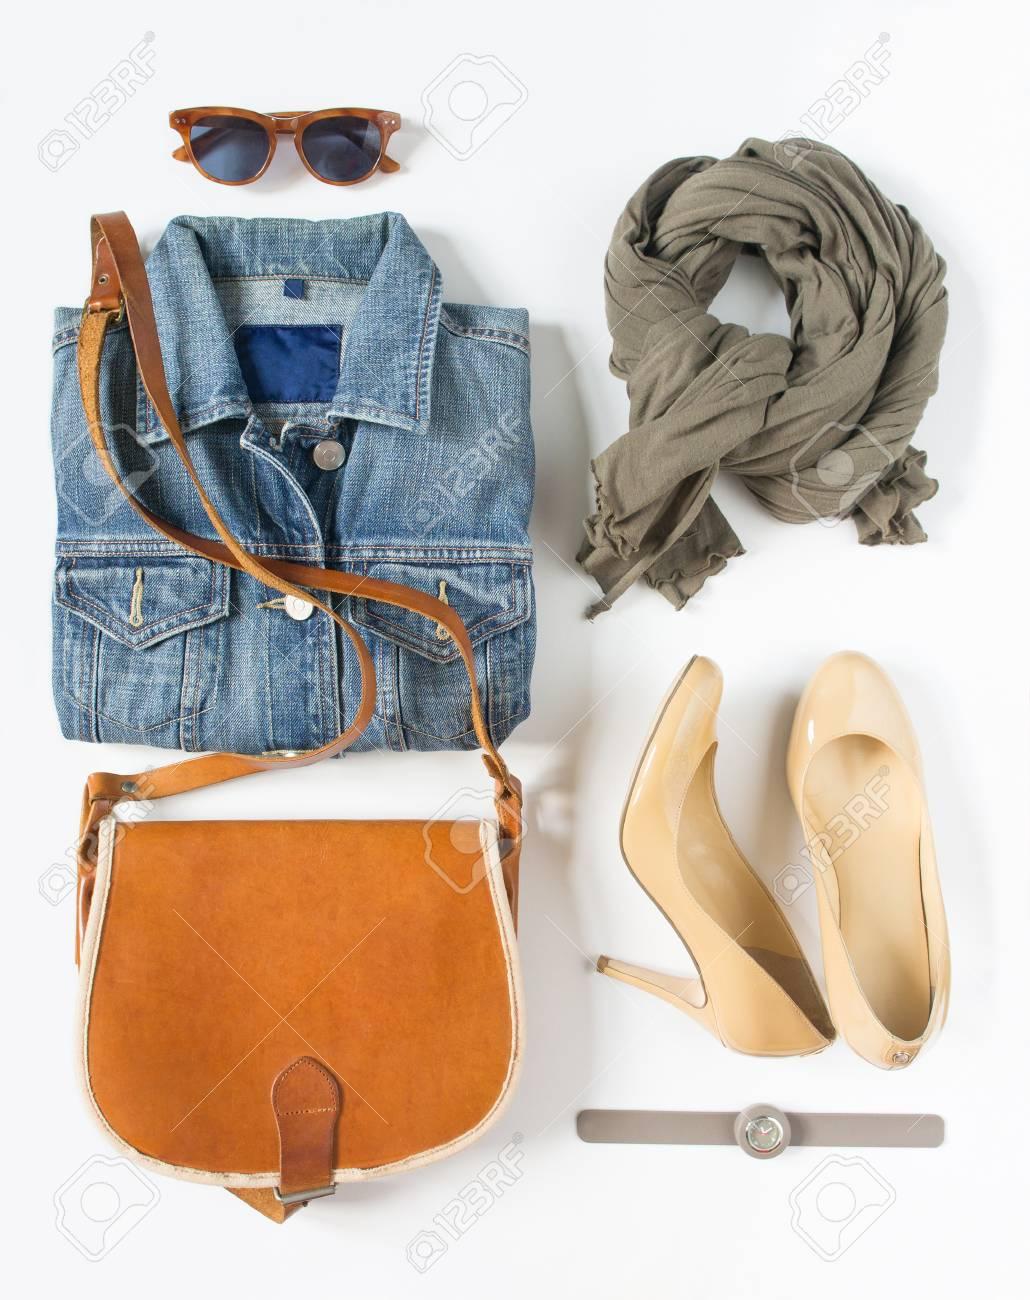 Ensemble De Vêtements Féminin élégant. Tenue Femme   Fille Sur Fond Blanc.  Veste En Jean Bleue 0caa743a2f2